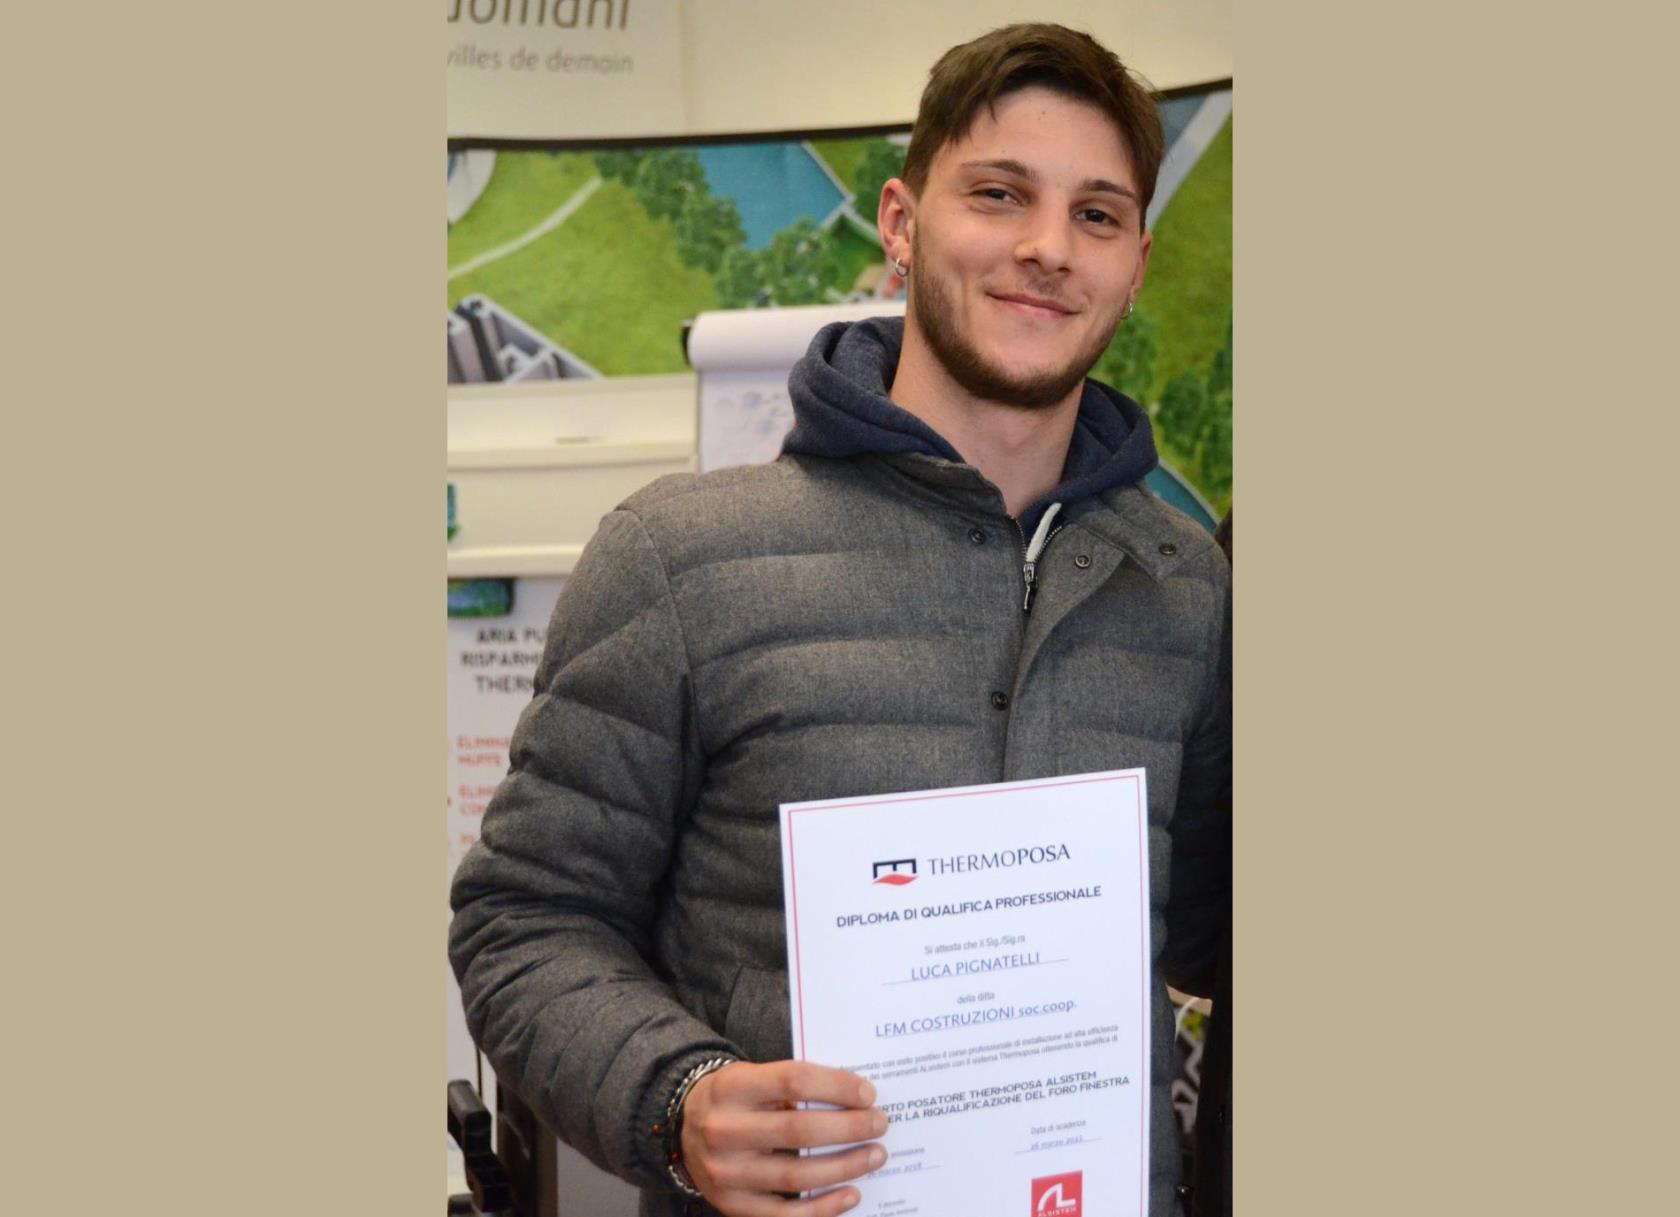 Diploma di posatore qualificato Thermoposa LFM Costruzioni